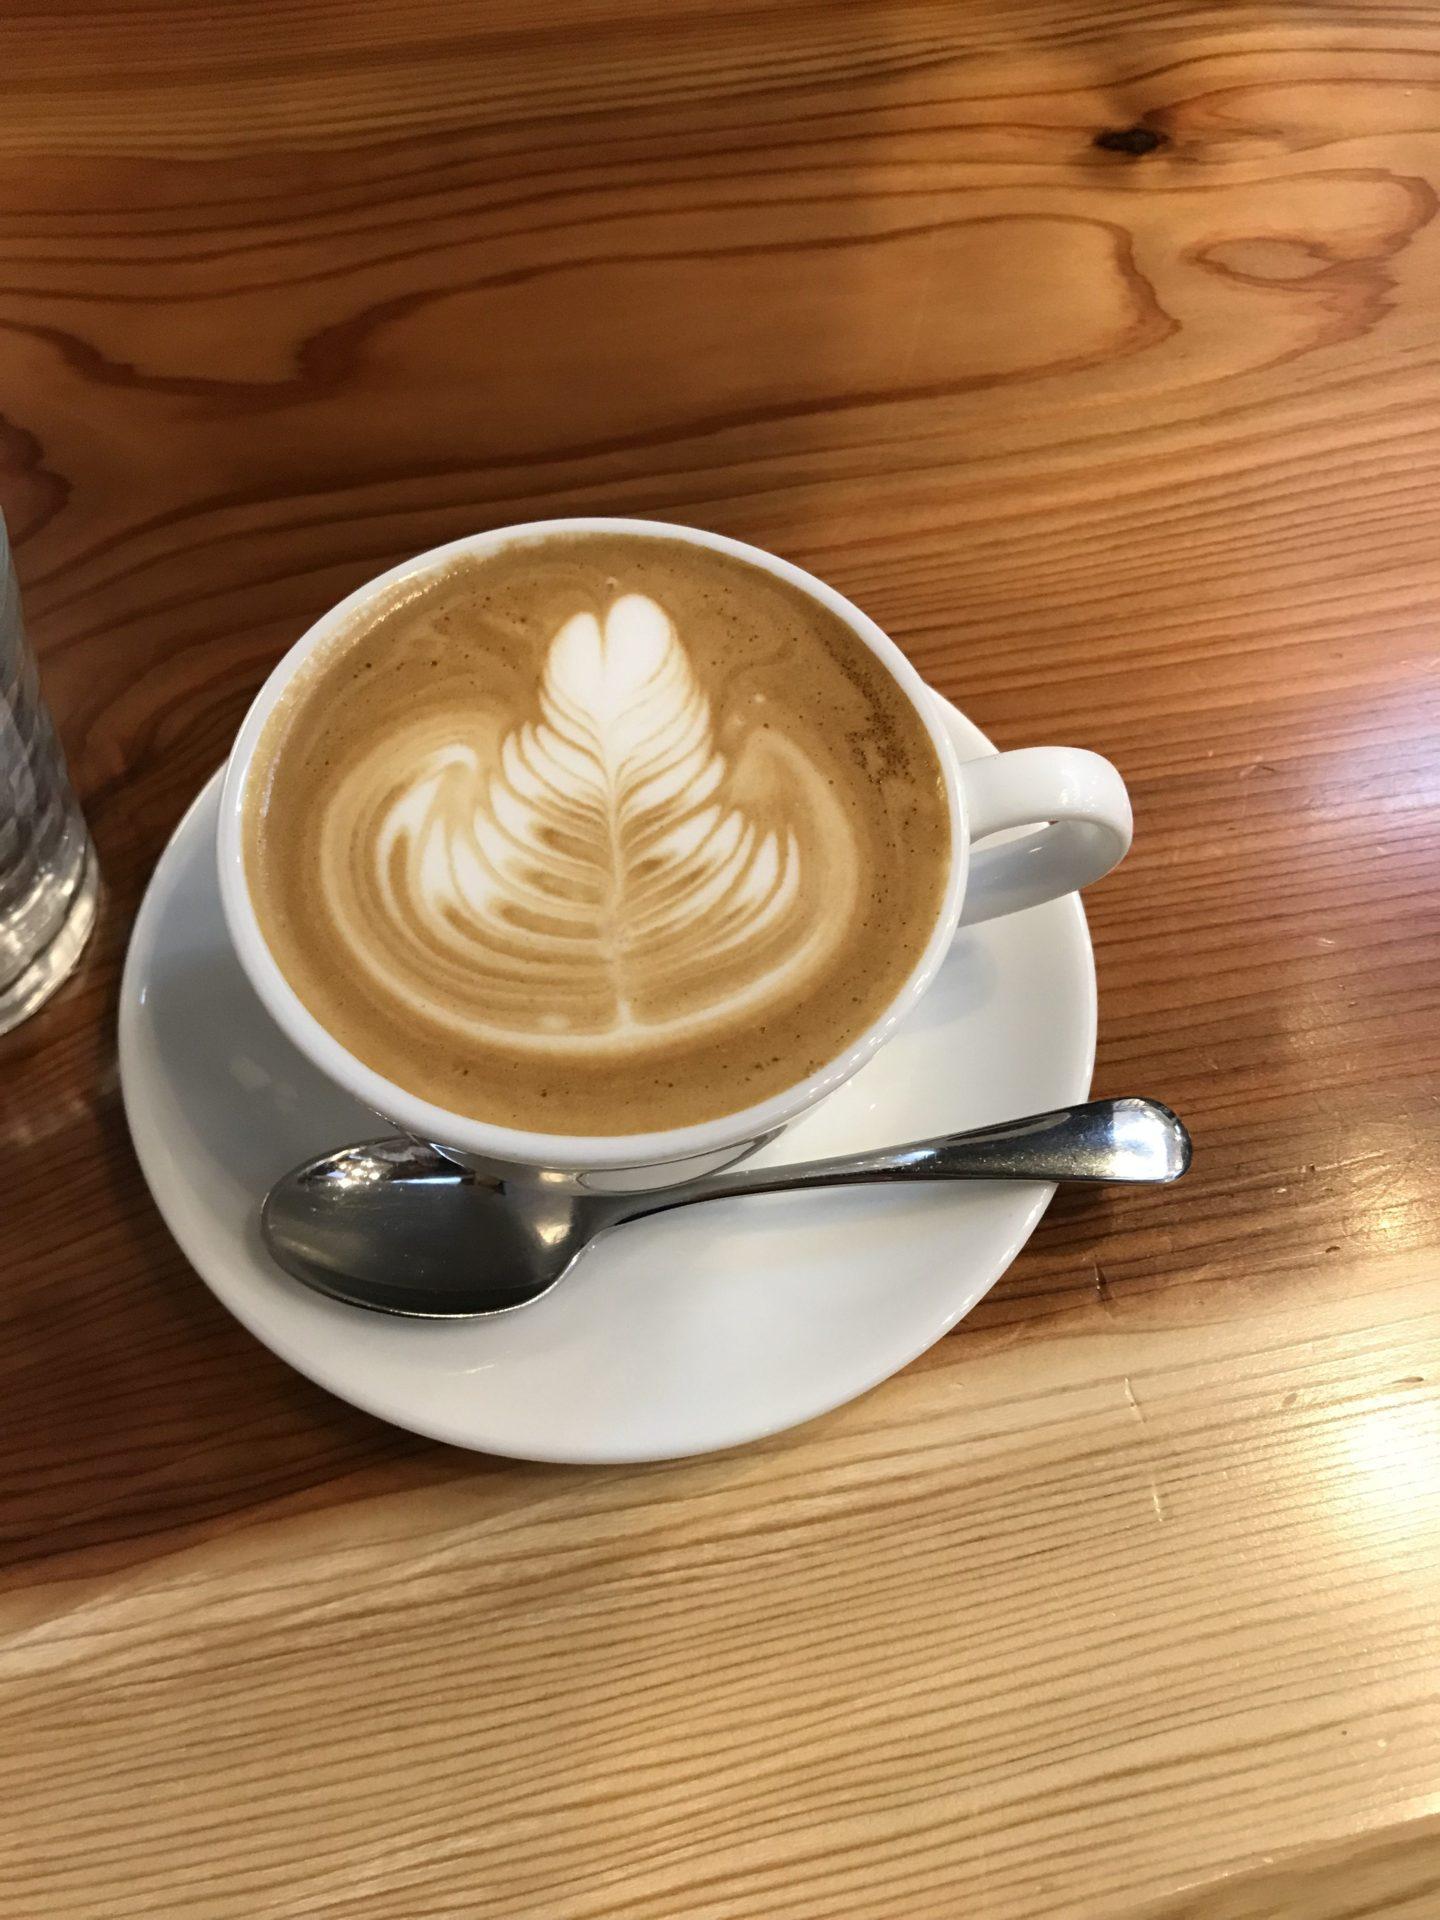 セッションルーム付近のお勧めの喫茶店 「身体だけでなく、気持ちも前向きになった」の体験談